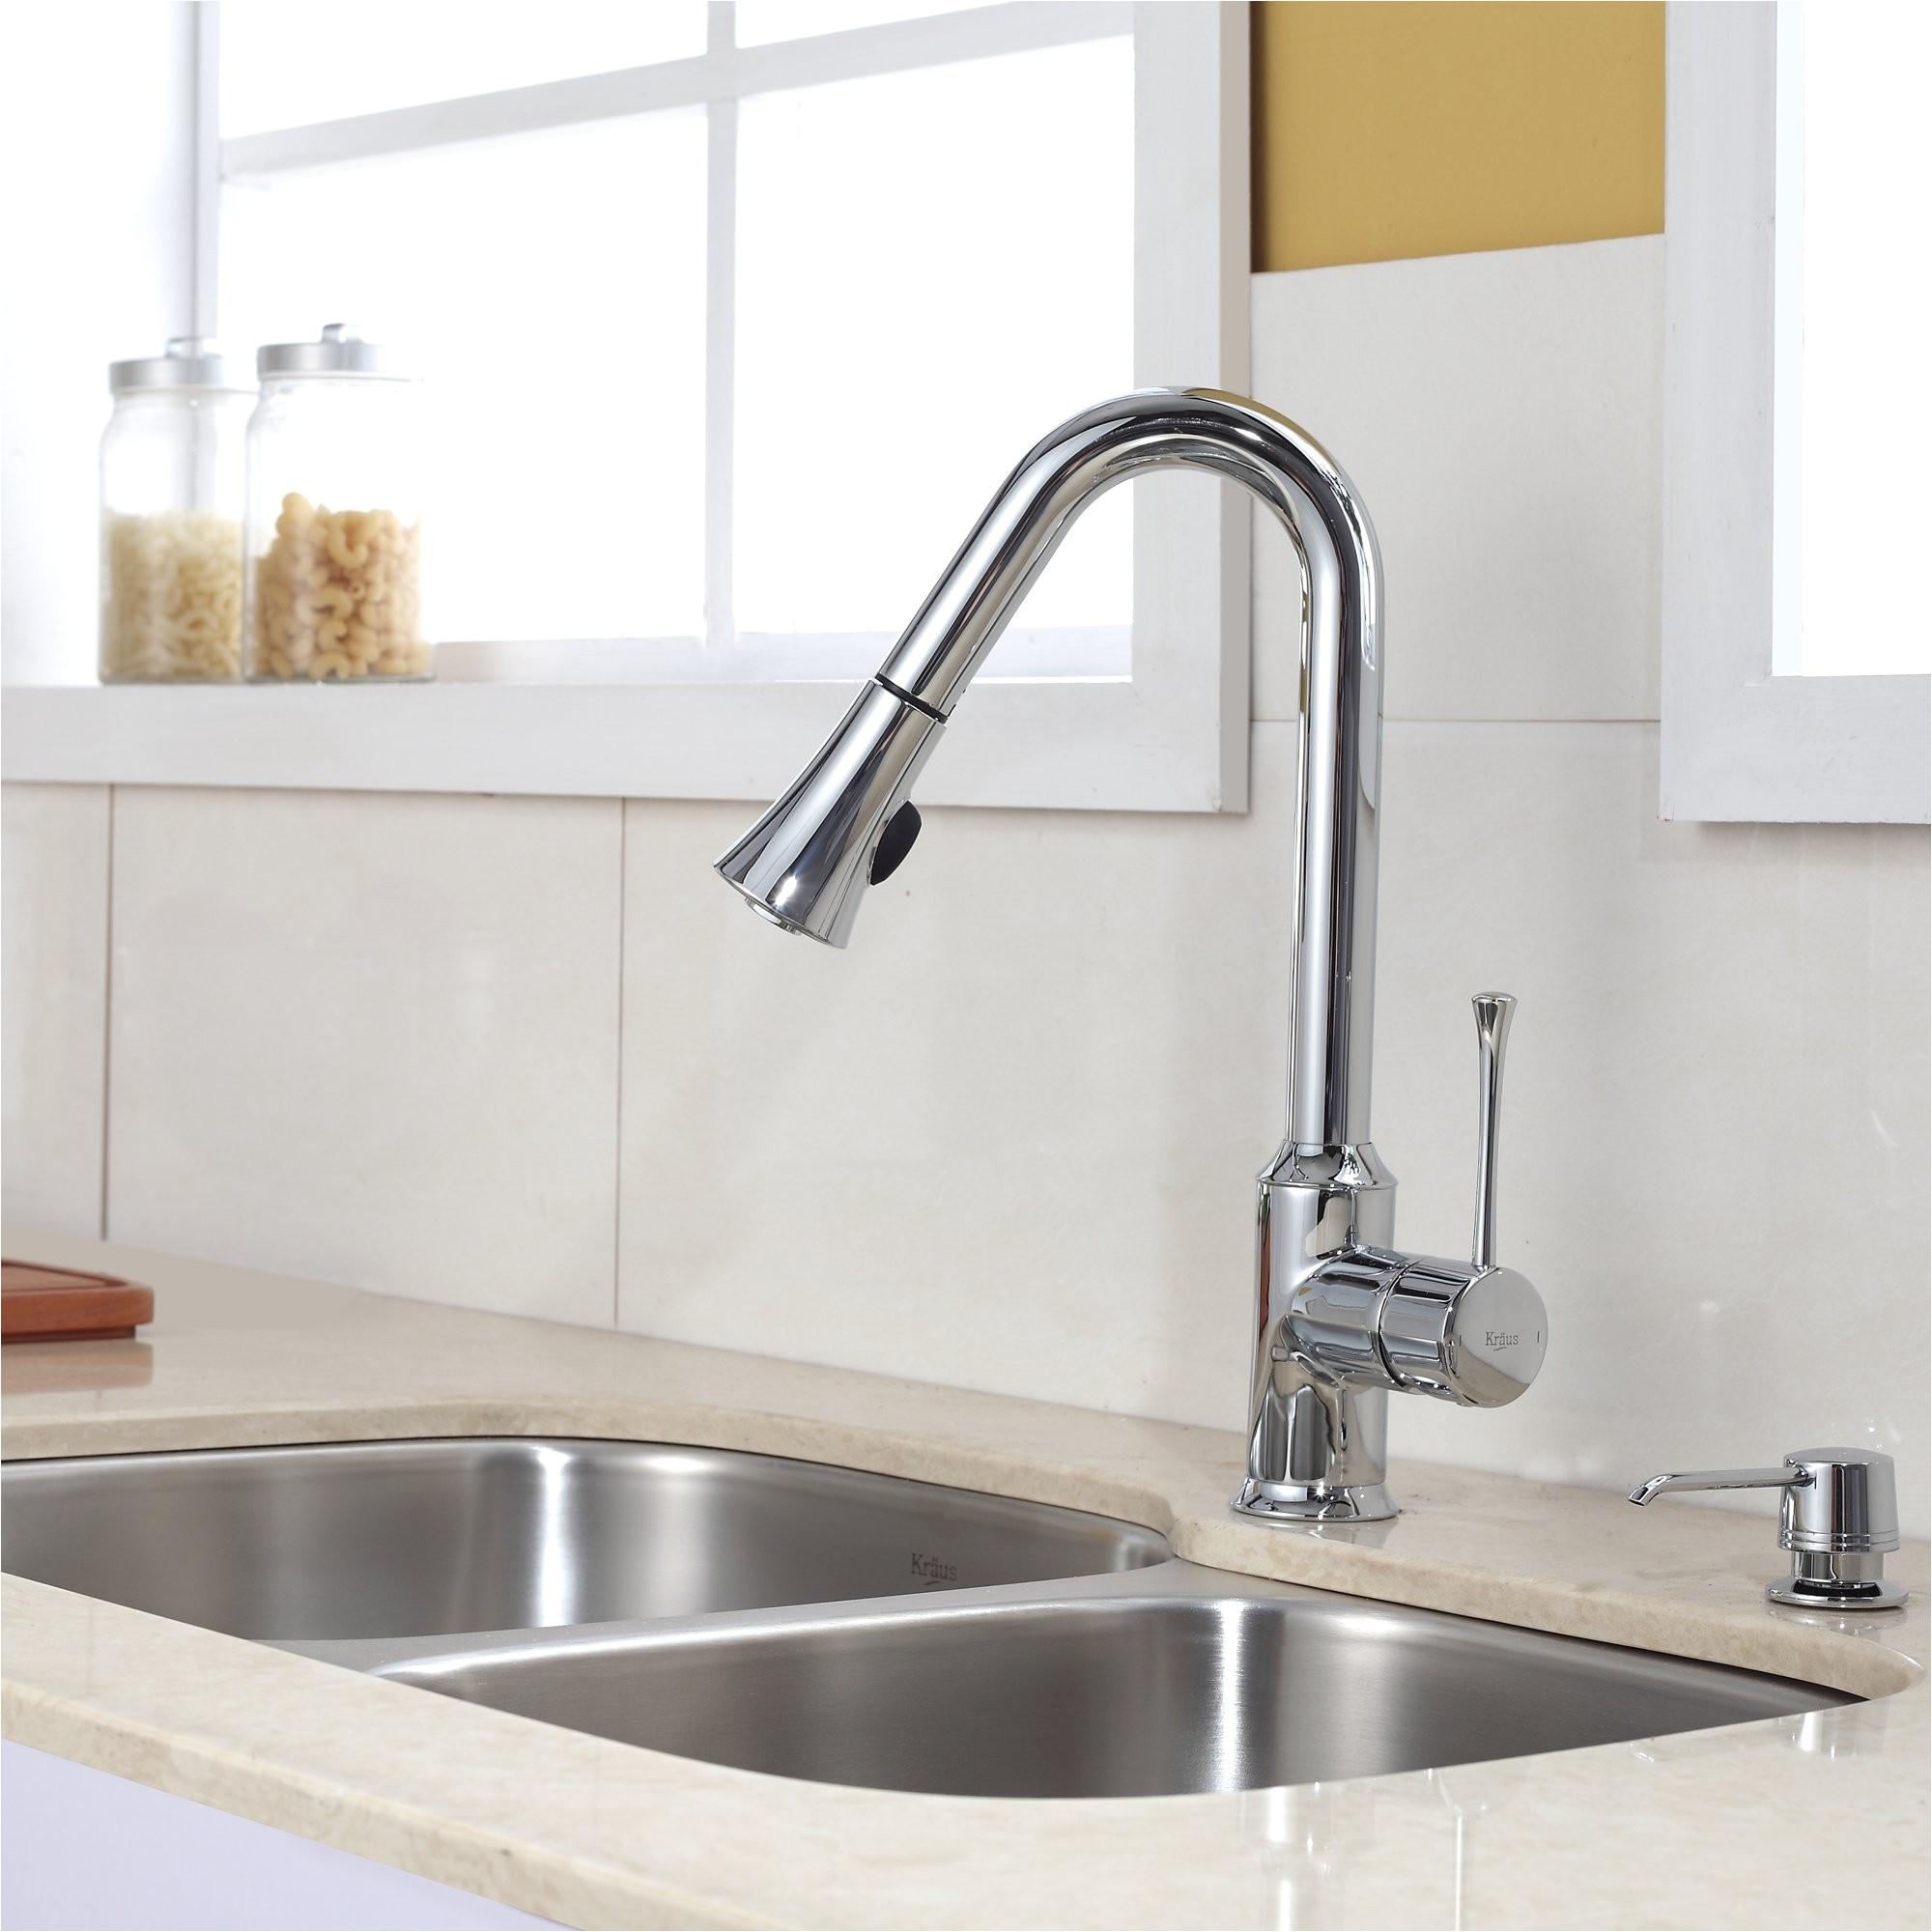 drop in farmhouse sink ikea best of 10 beautiful farmhouse kitchen sink ikea chexydecimal of drop